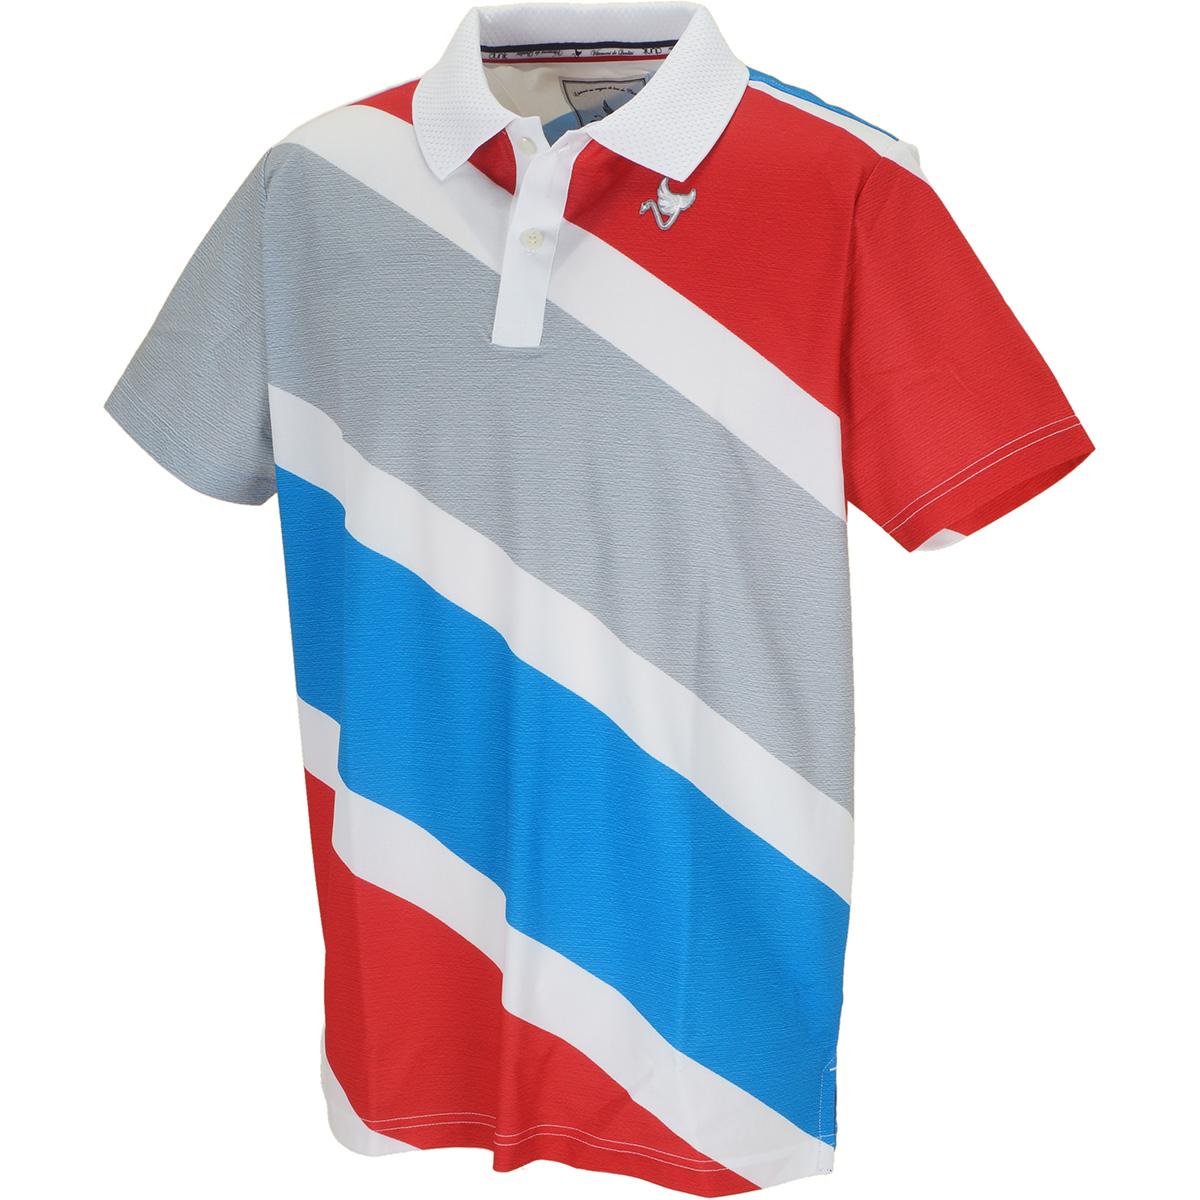 ストレッチ トリコロール 半袖ポロシャツ